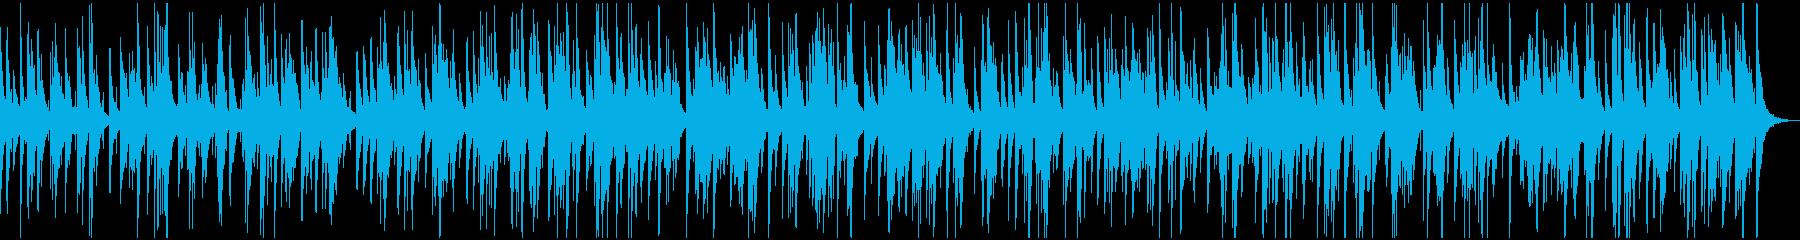 おしゃれなジャズバラードの再生済みの波形